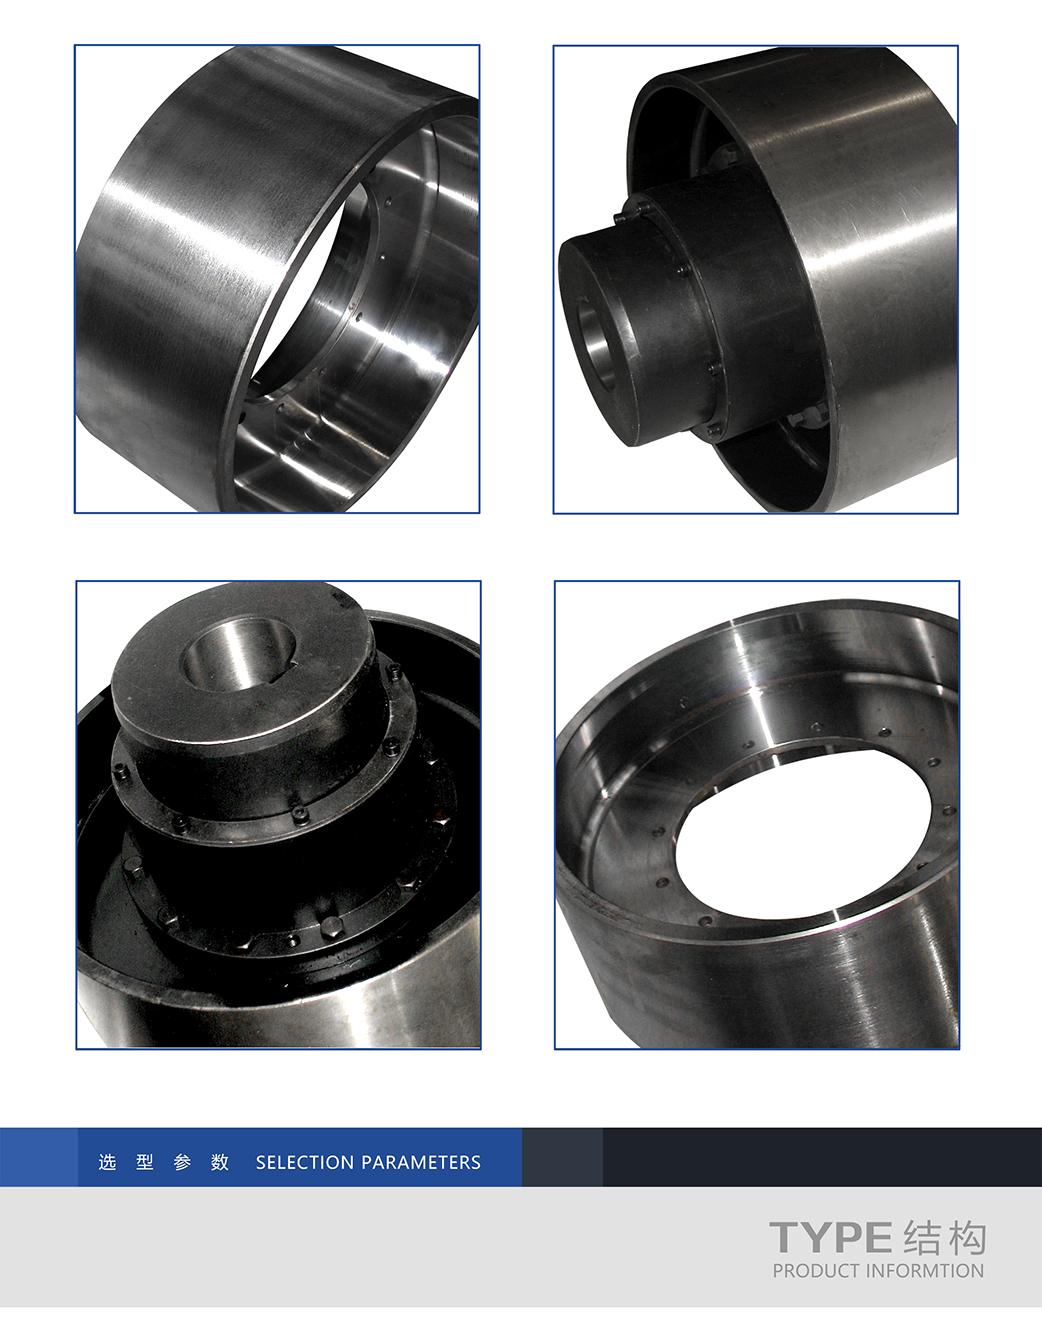 NGCL型带制动轮鼓形齿式联轴器_03.jpg